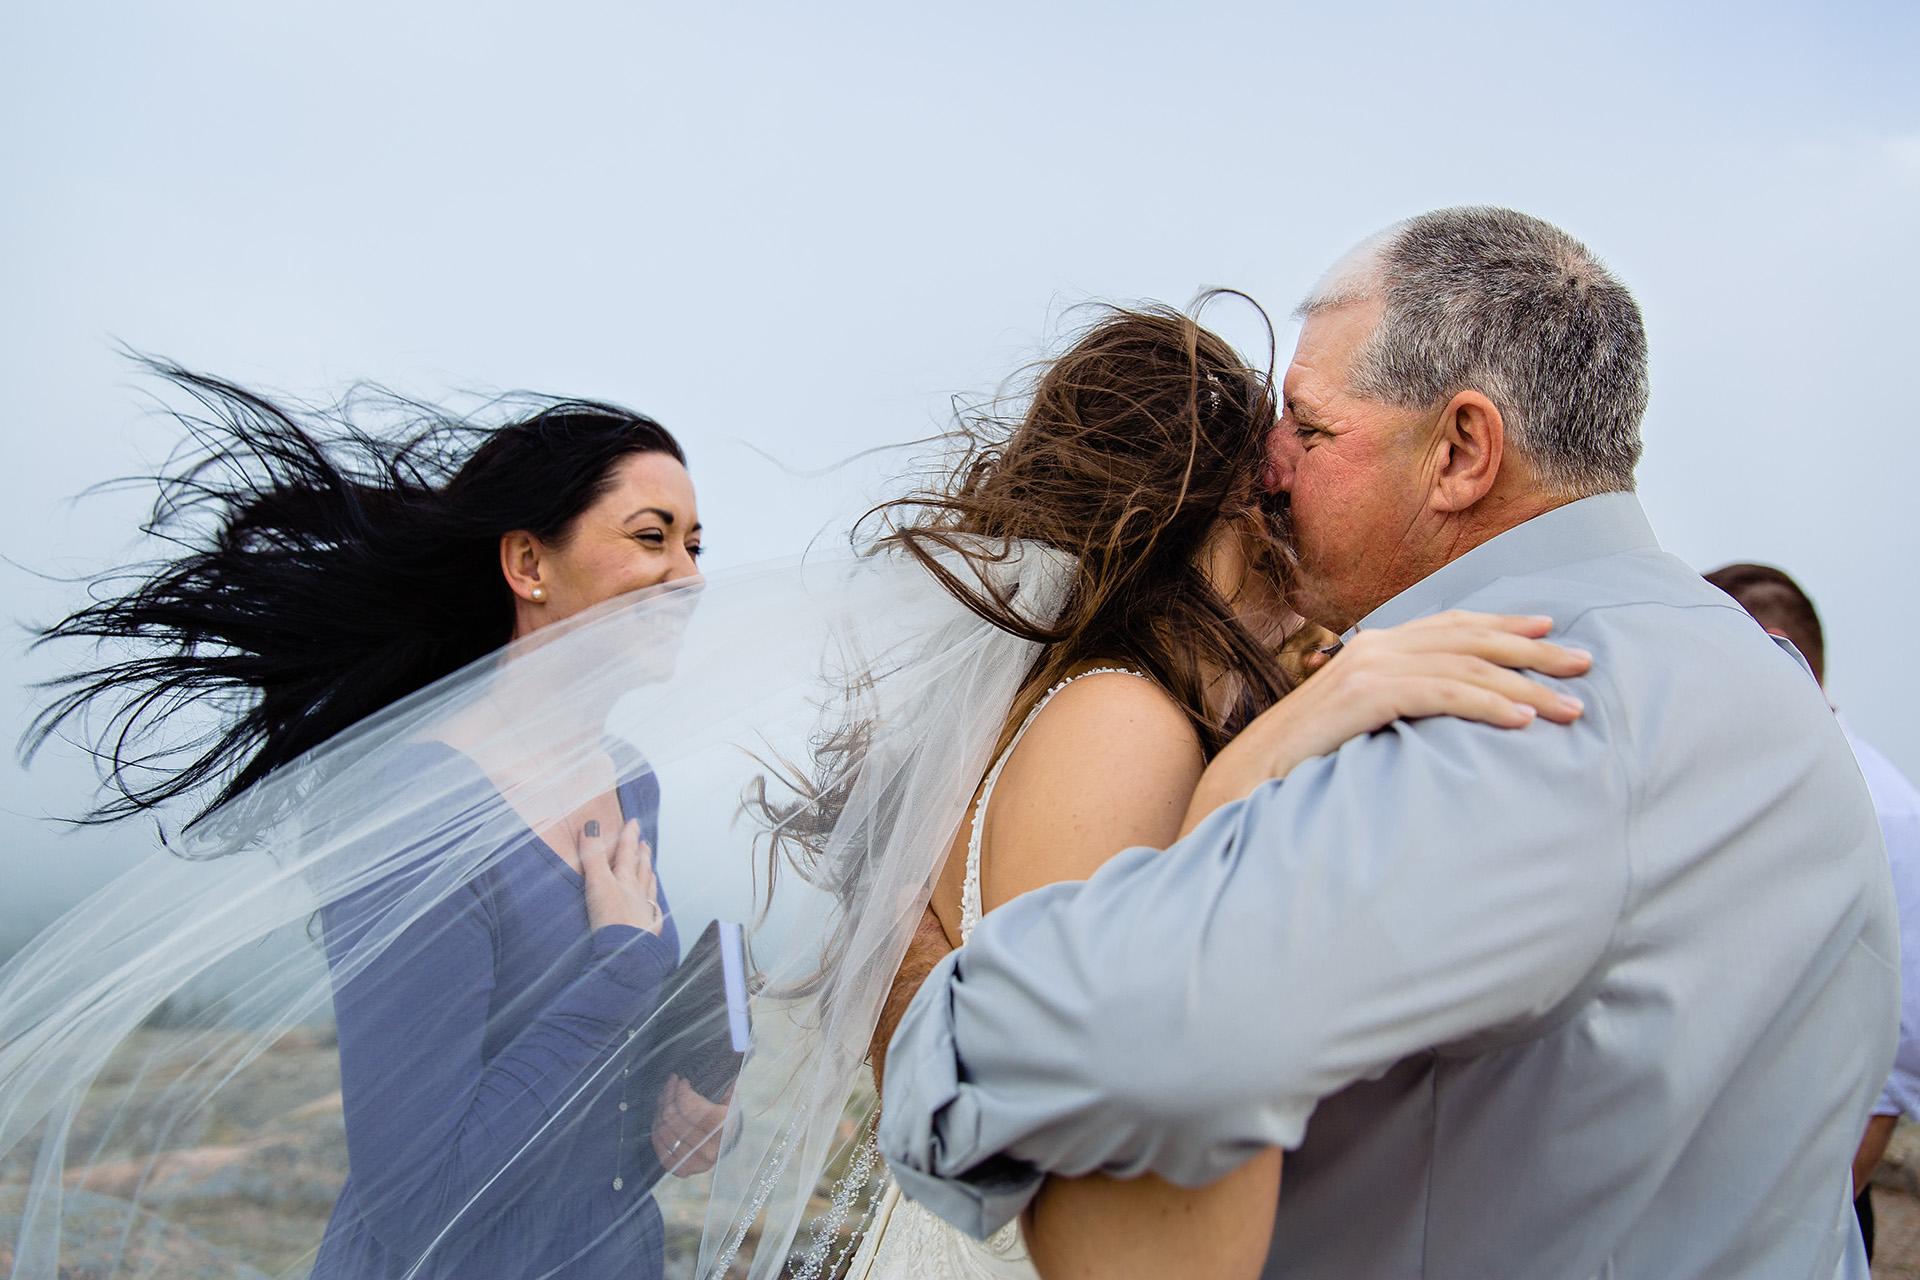 Kate Crabtree, du Maine, est une photographe de mariage pour